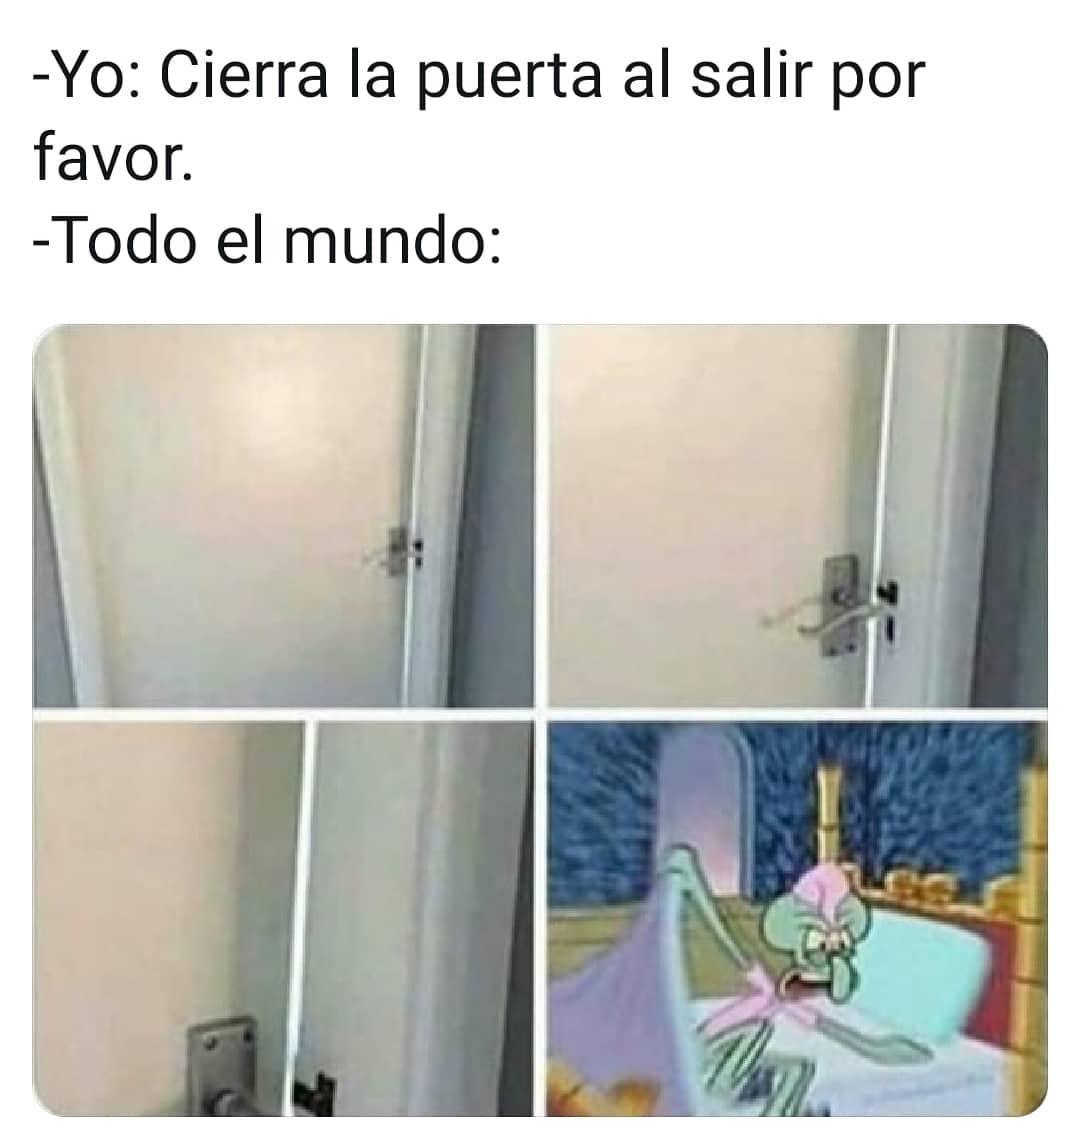 Yo: cierra la puerta al salir por favor.  Todo el mundo: